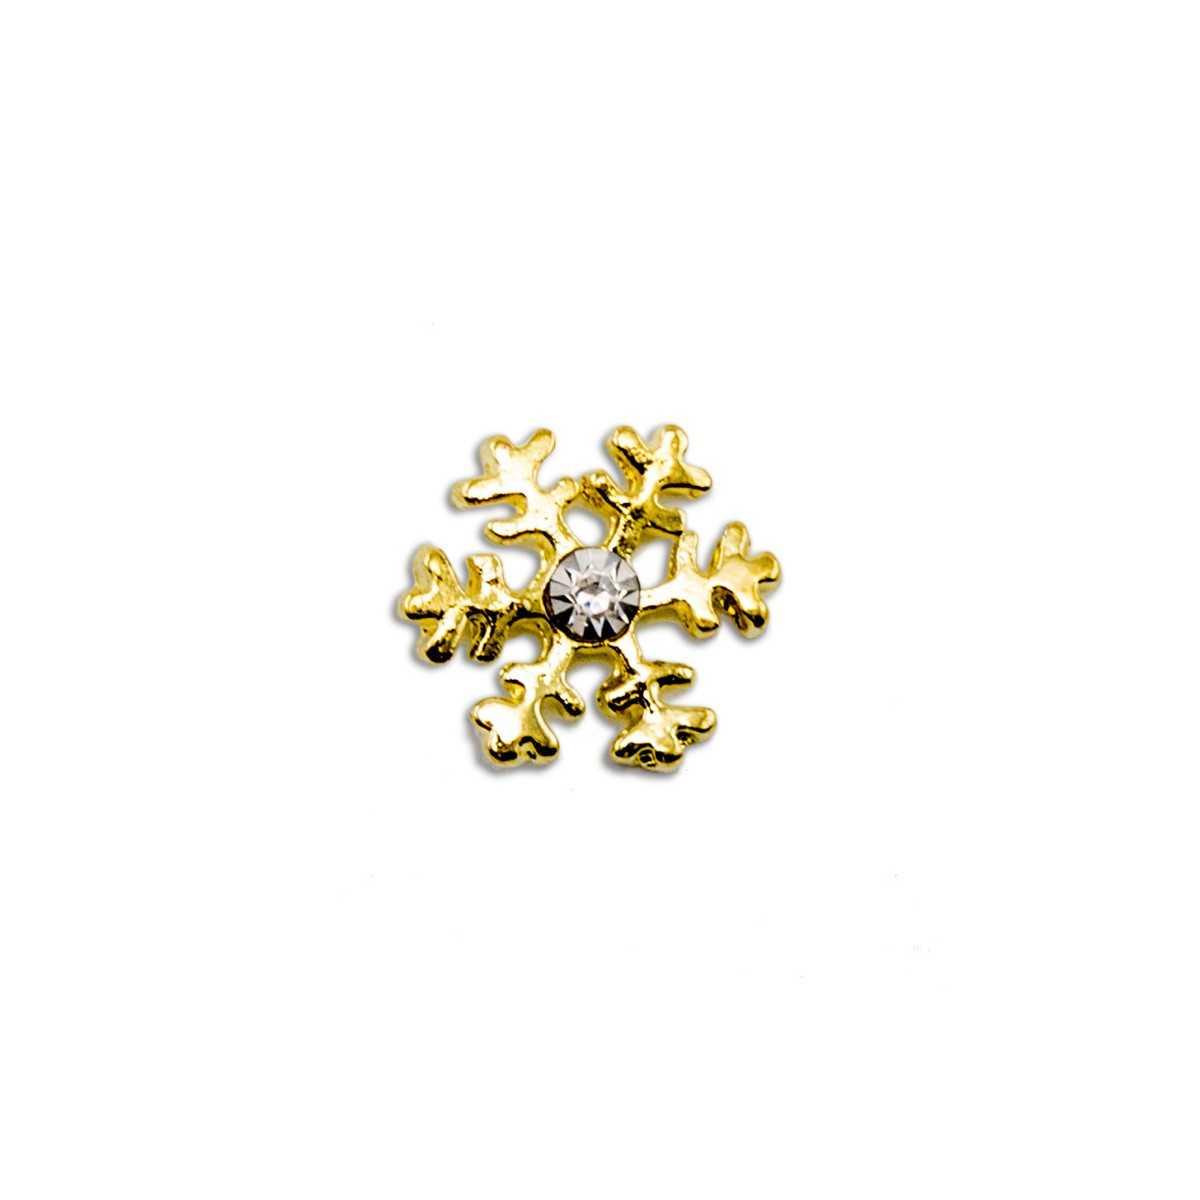 https://www.kit-manucure.com/1516-thickbox_default/bijoux-pour-ongles-flocon-de-neige-doré.jpg